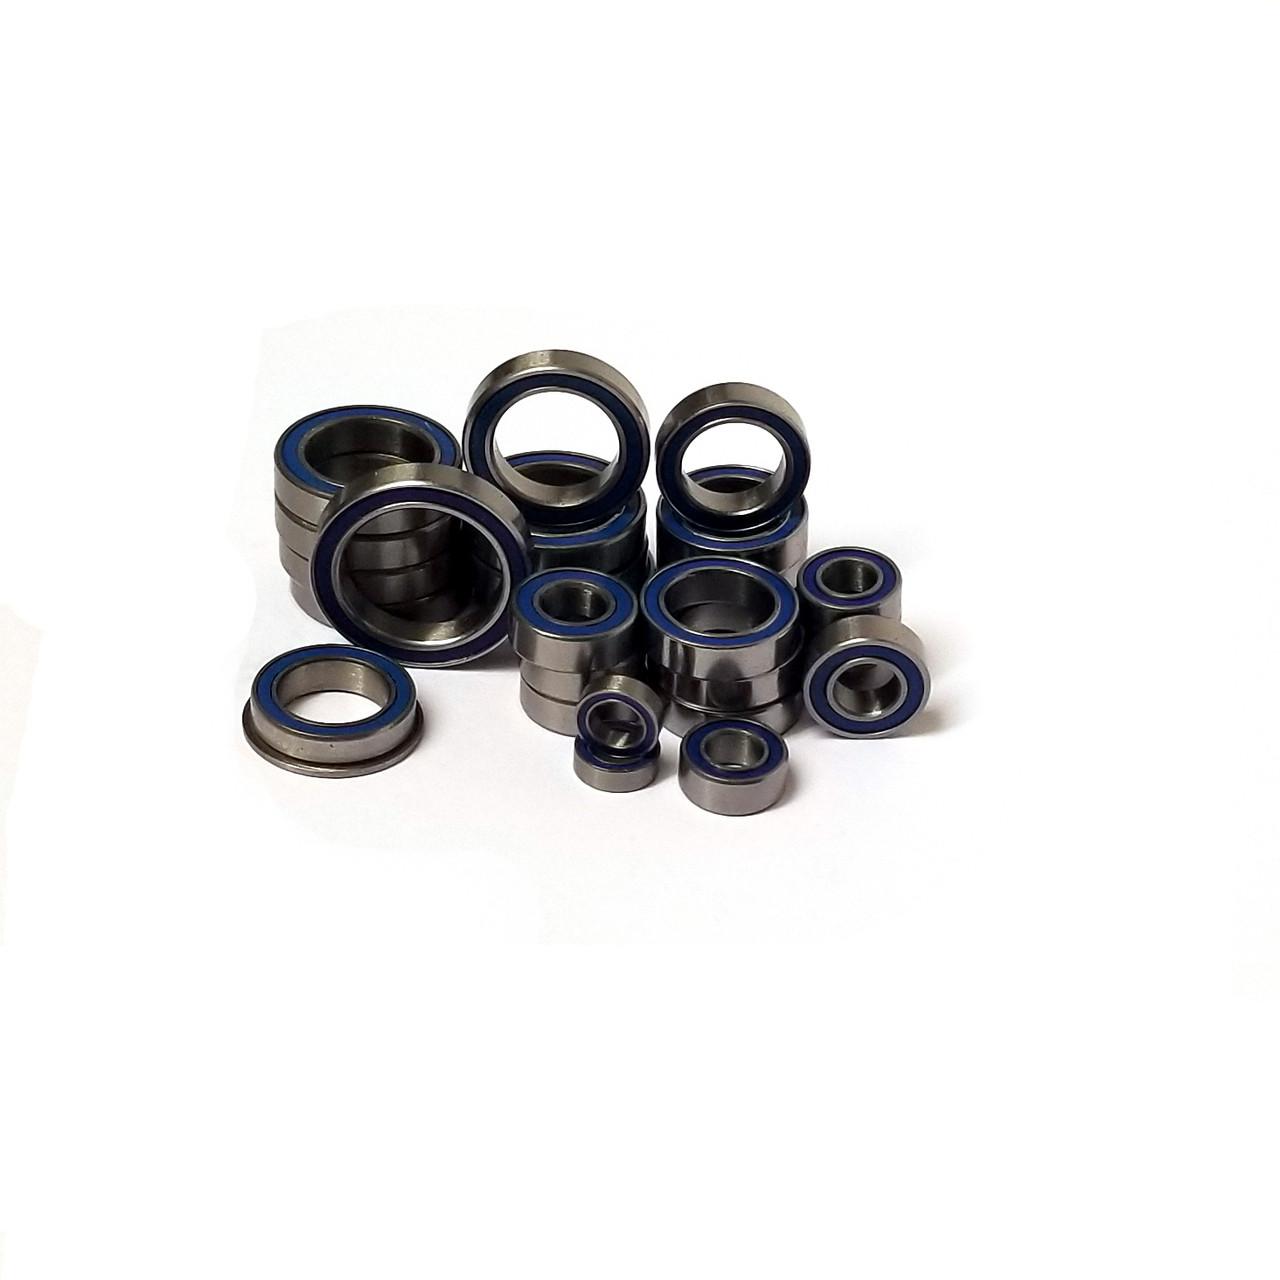 ARRMA Typhon 3S, Senton 3S, Granite 3S & Big Rock 27 Piece Full bearing kit.